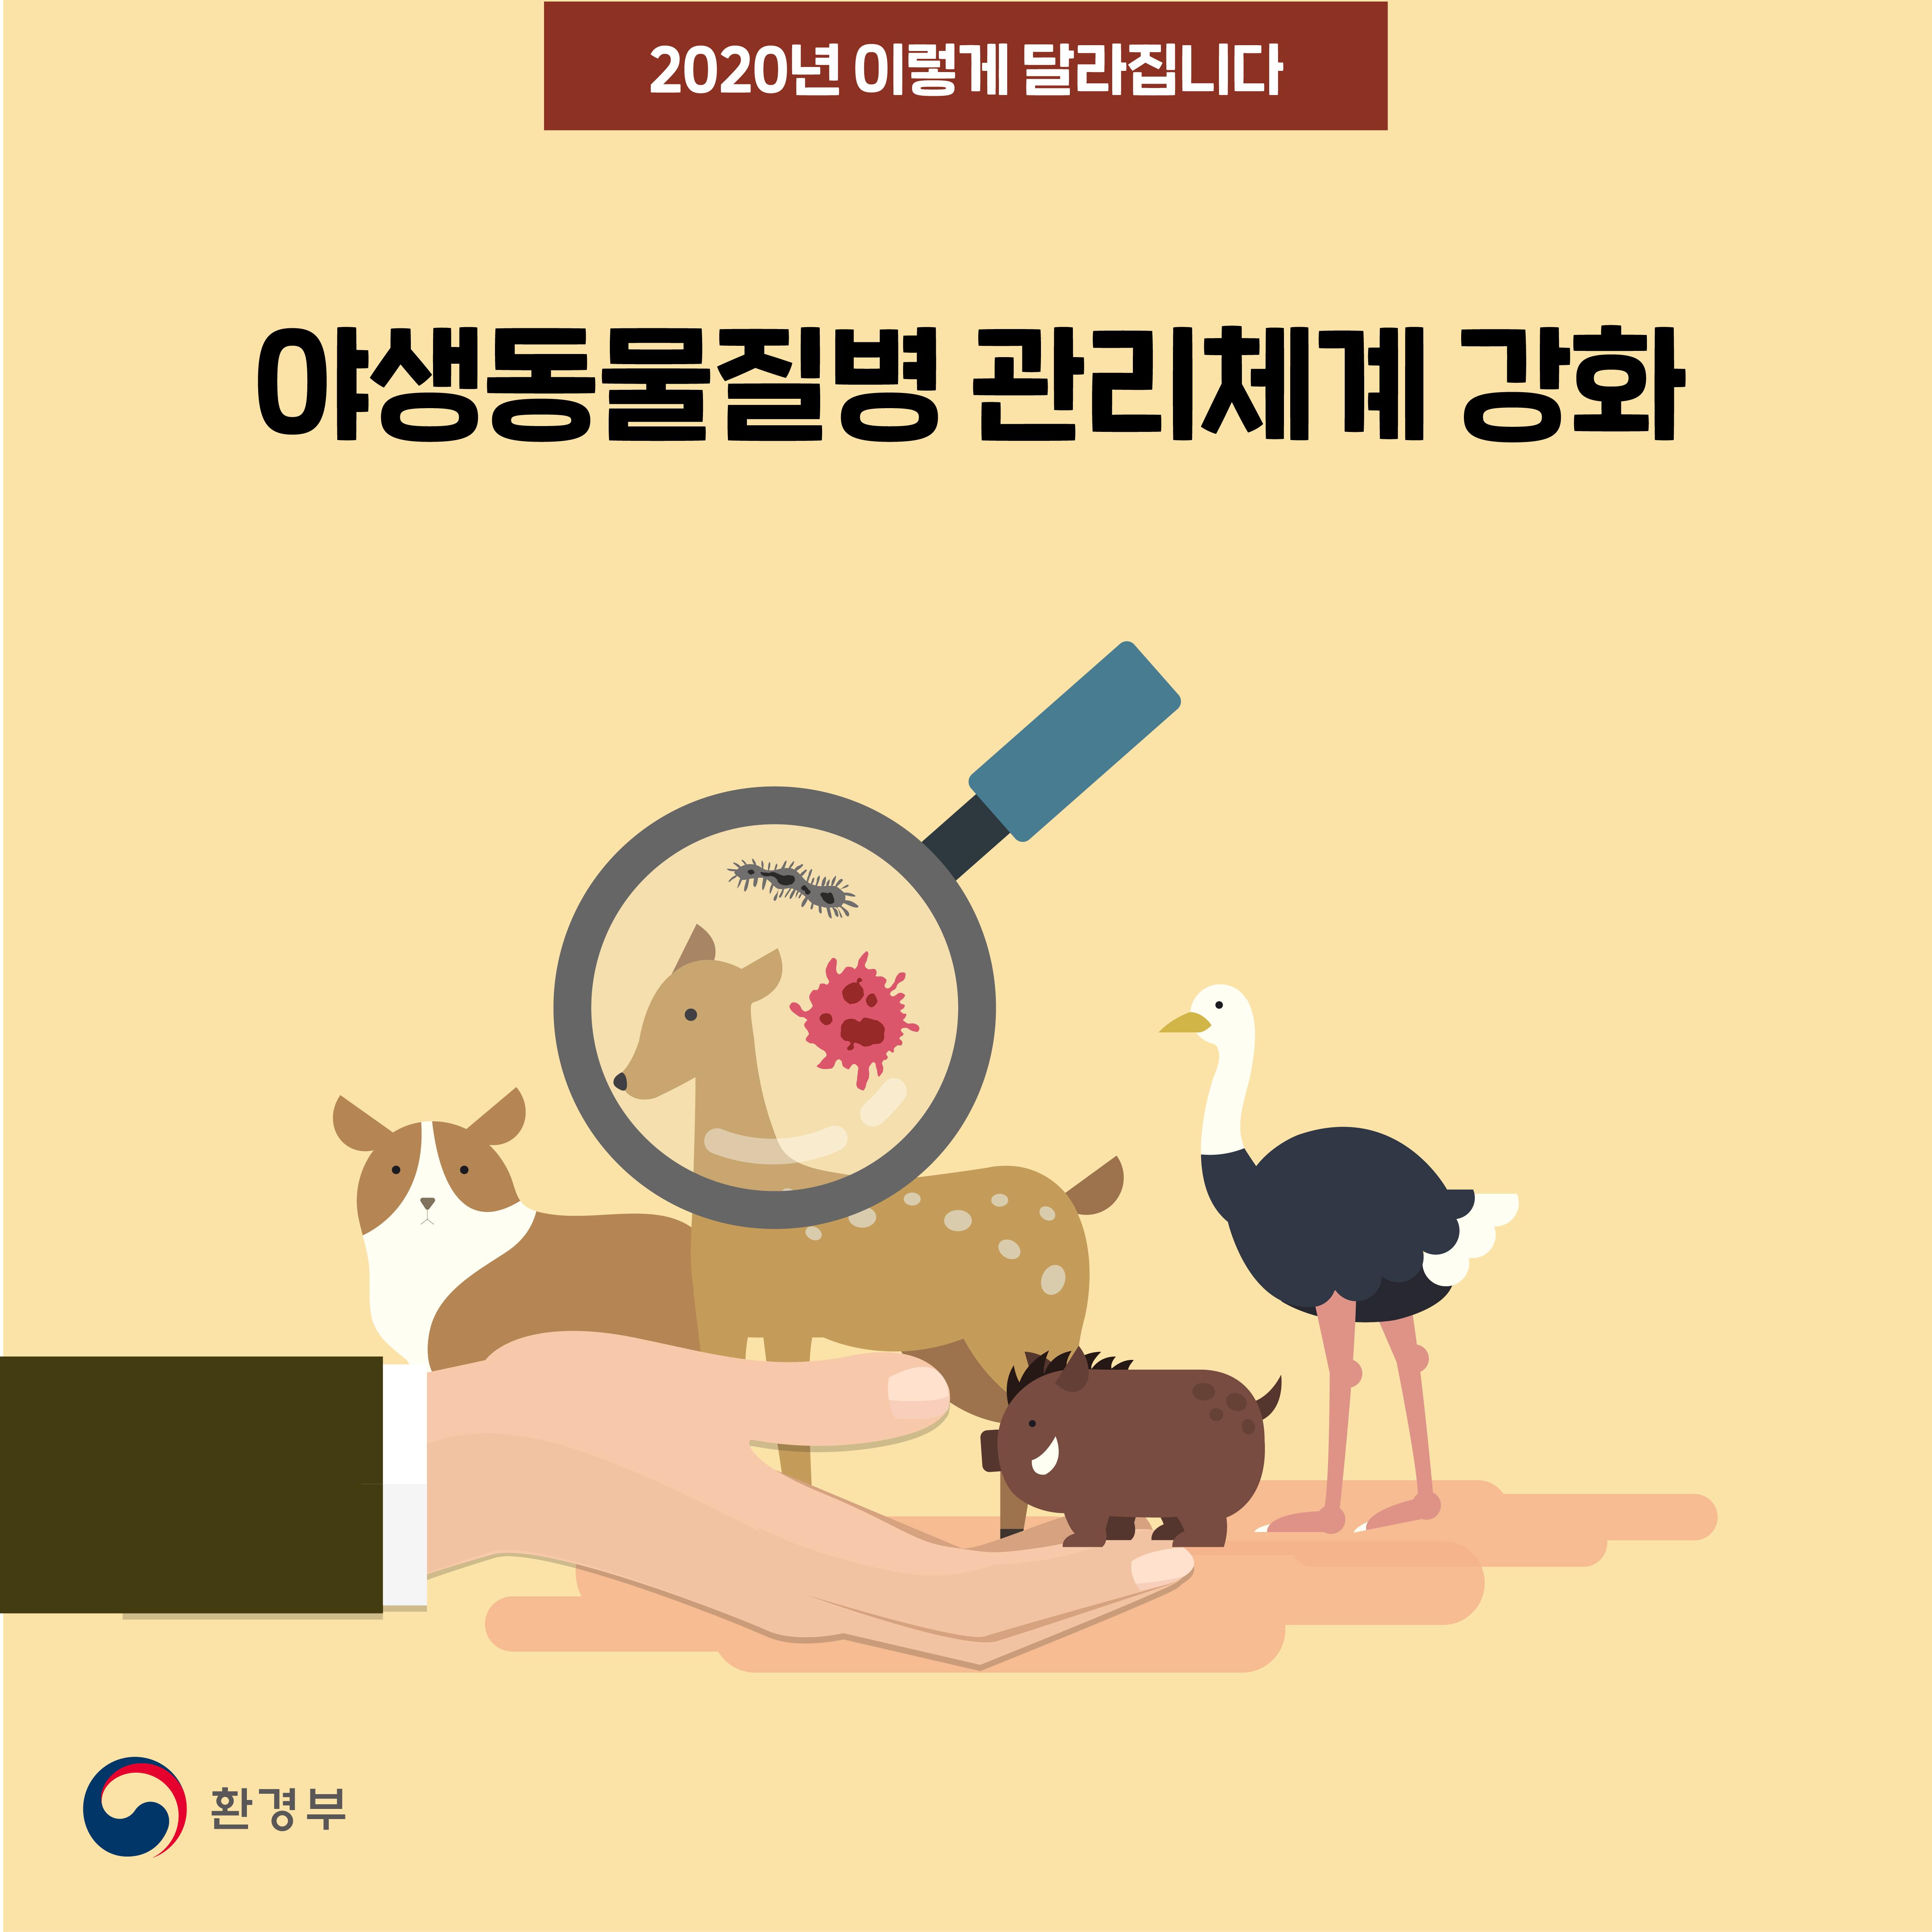 2020년 이렇게 달라집니다(야생동물질병 관리체계 강화).jpg